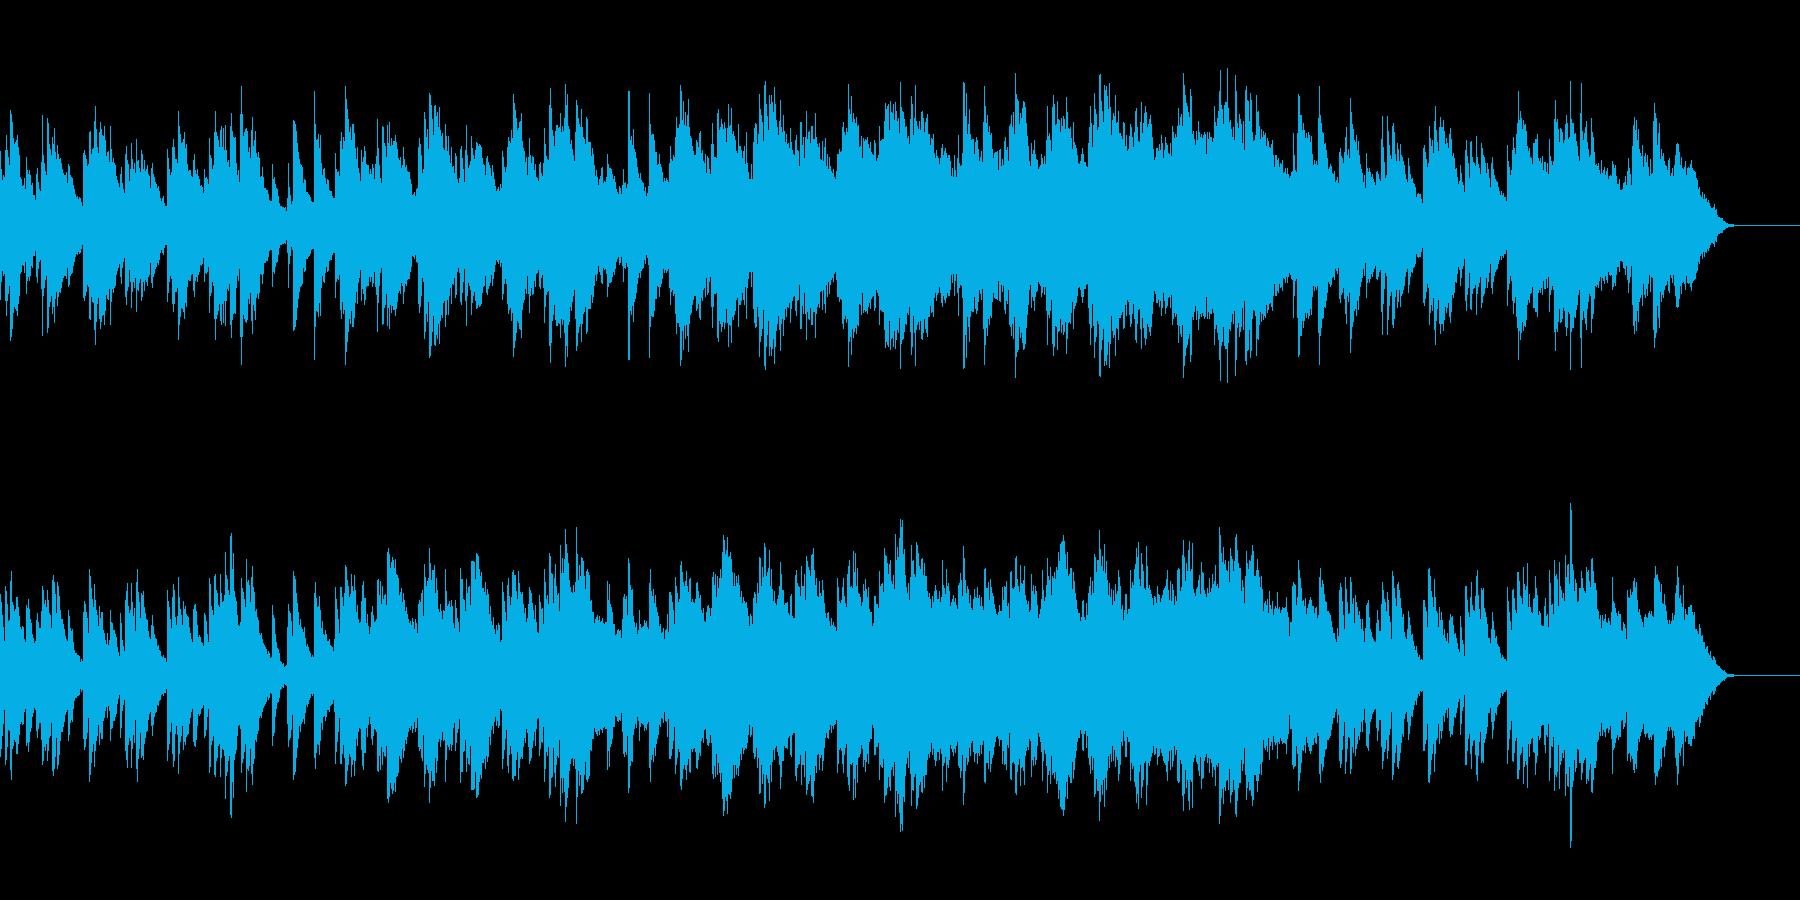 劇伴_切ないシーンの少し感動的なBGMの再生済みの波形